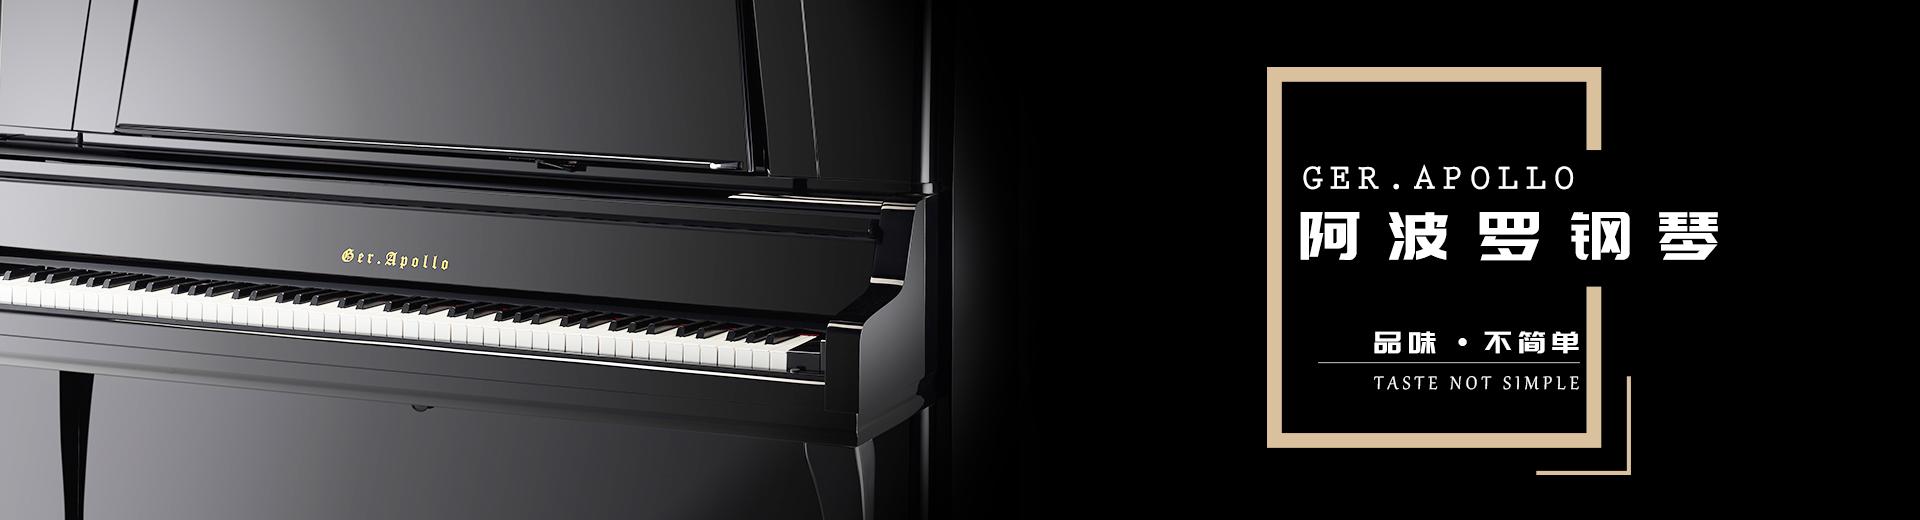 Ger.Apollo钢琴厂家